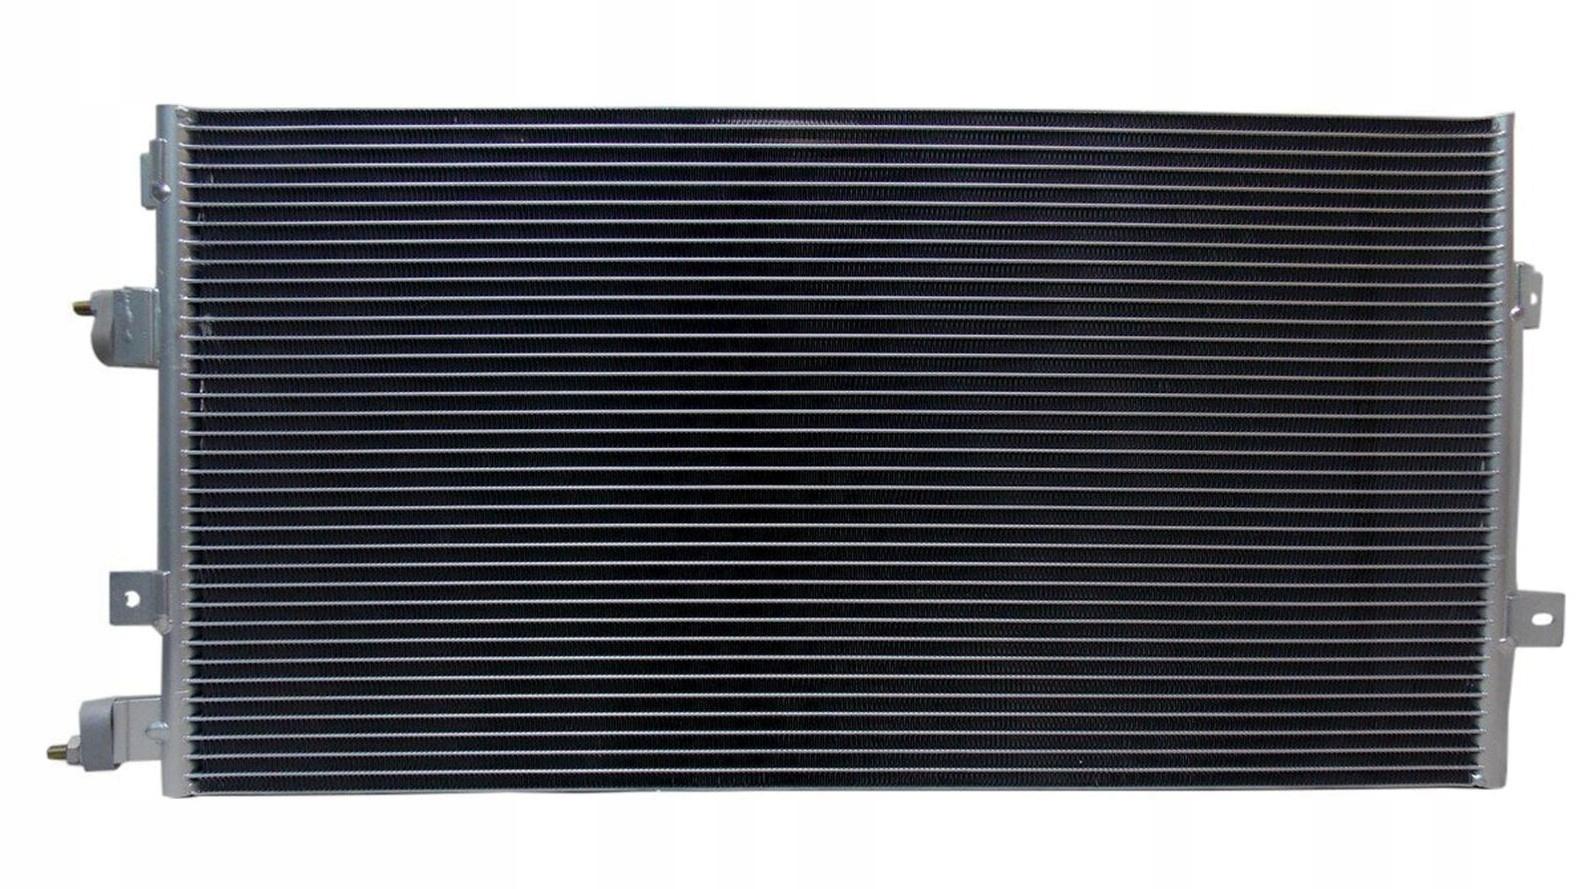 радиатор кондиционирования воздуха chrysler lhs 35 v6 1999 -